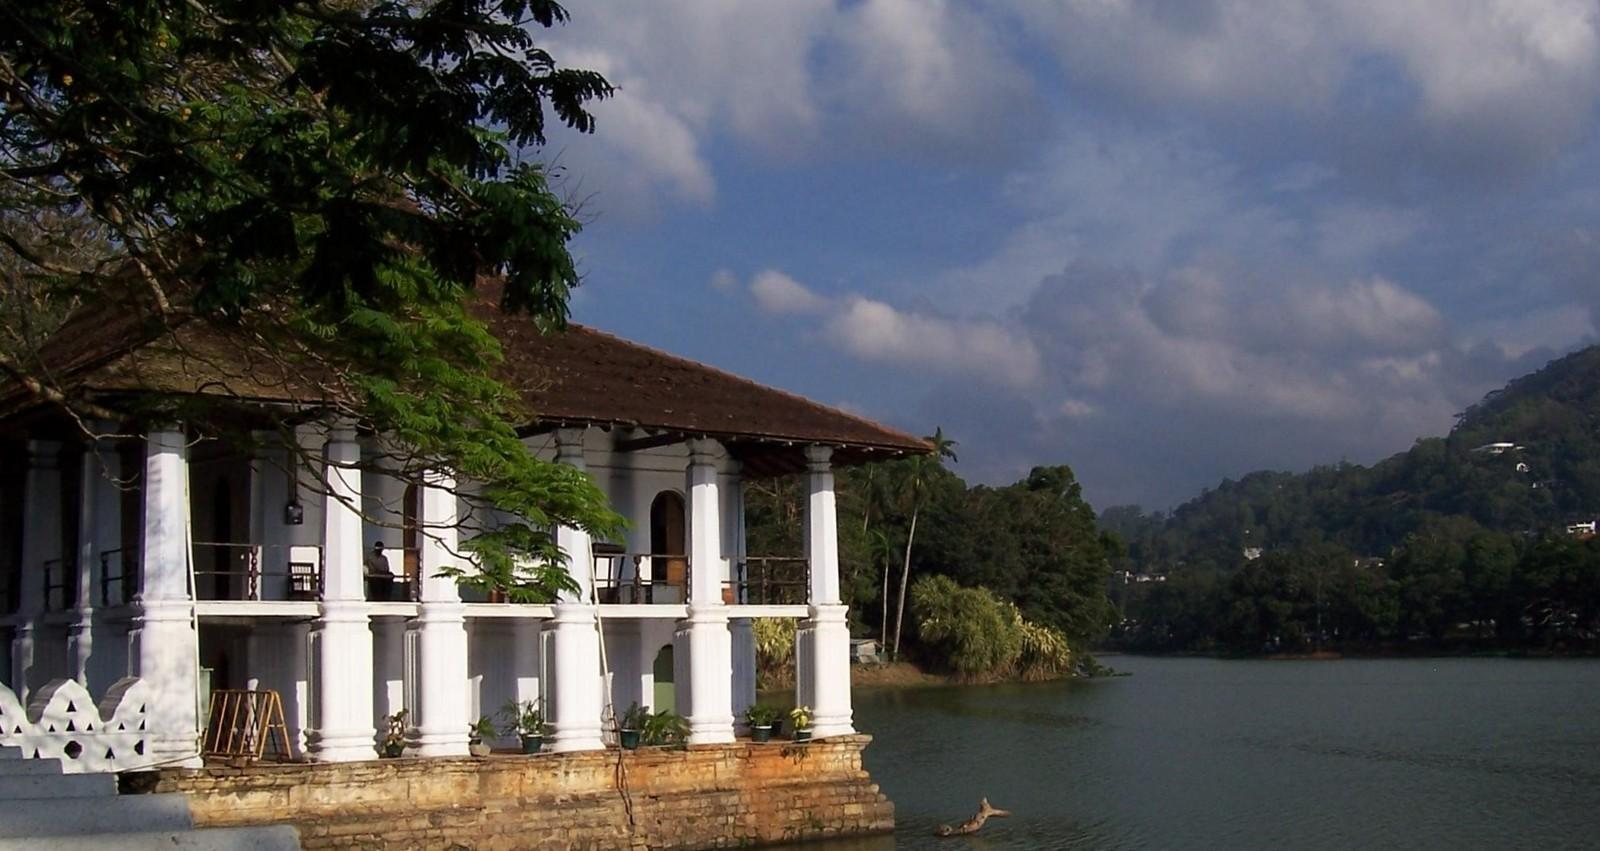 Badehaus der Königin - Kandy - Ceylon